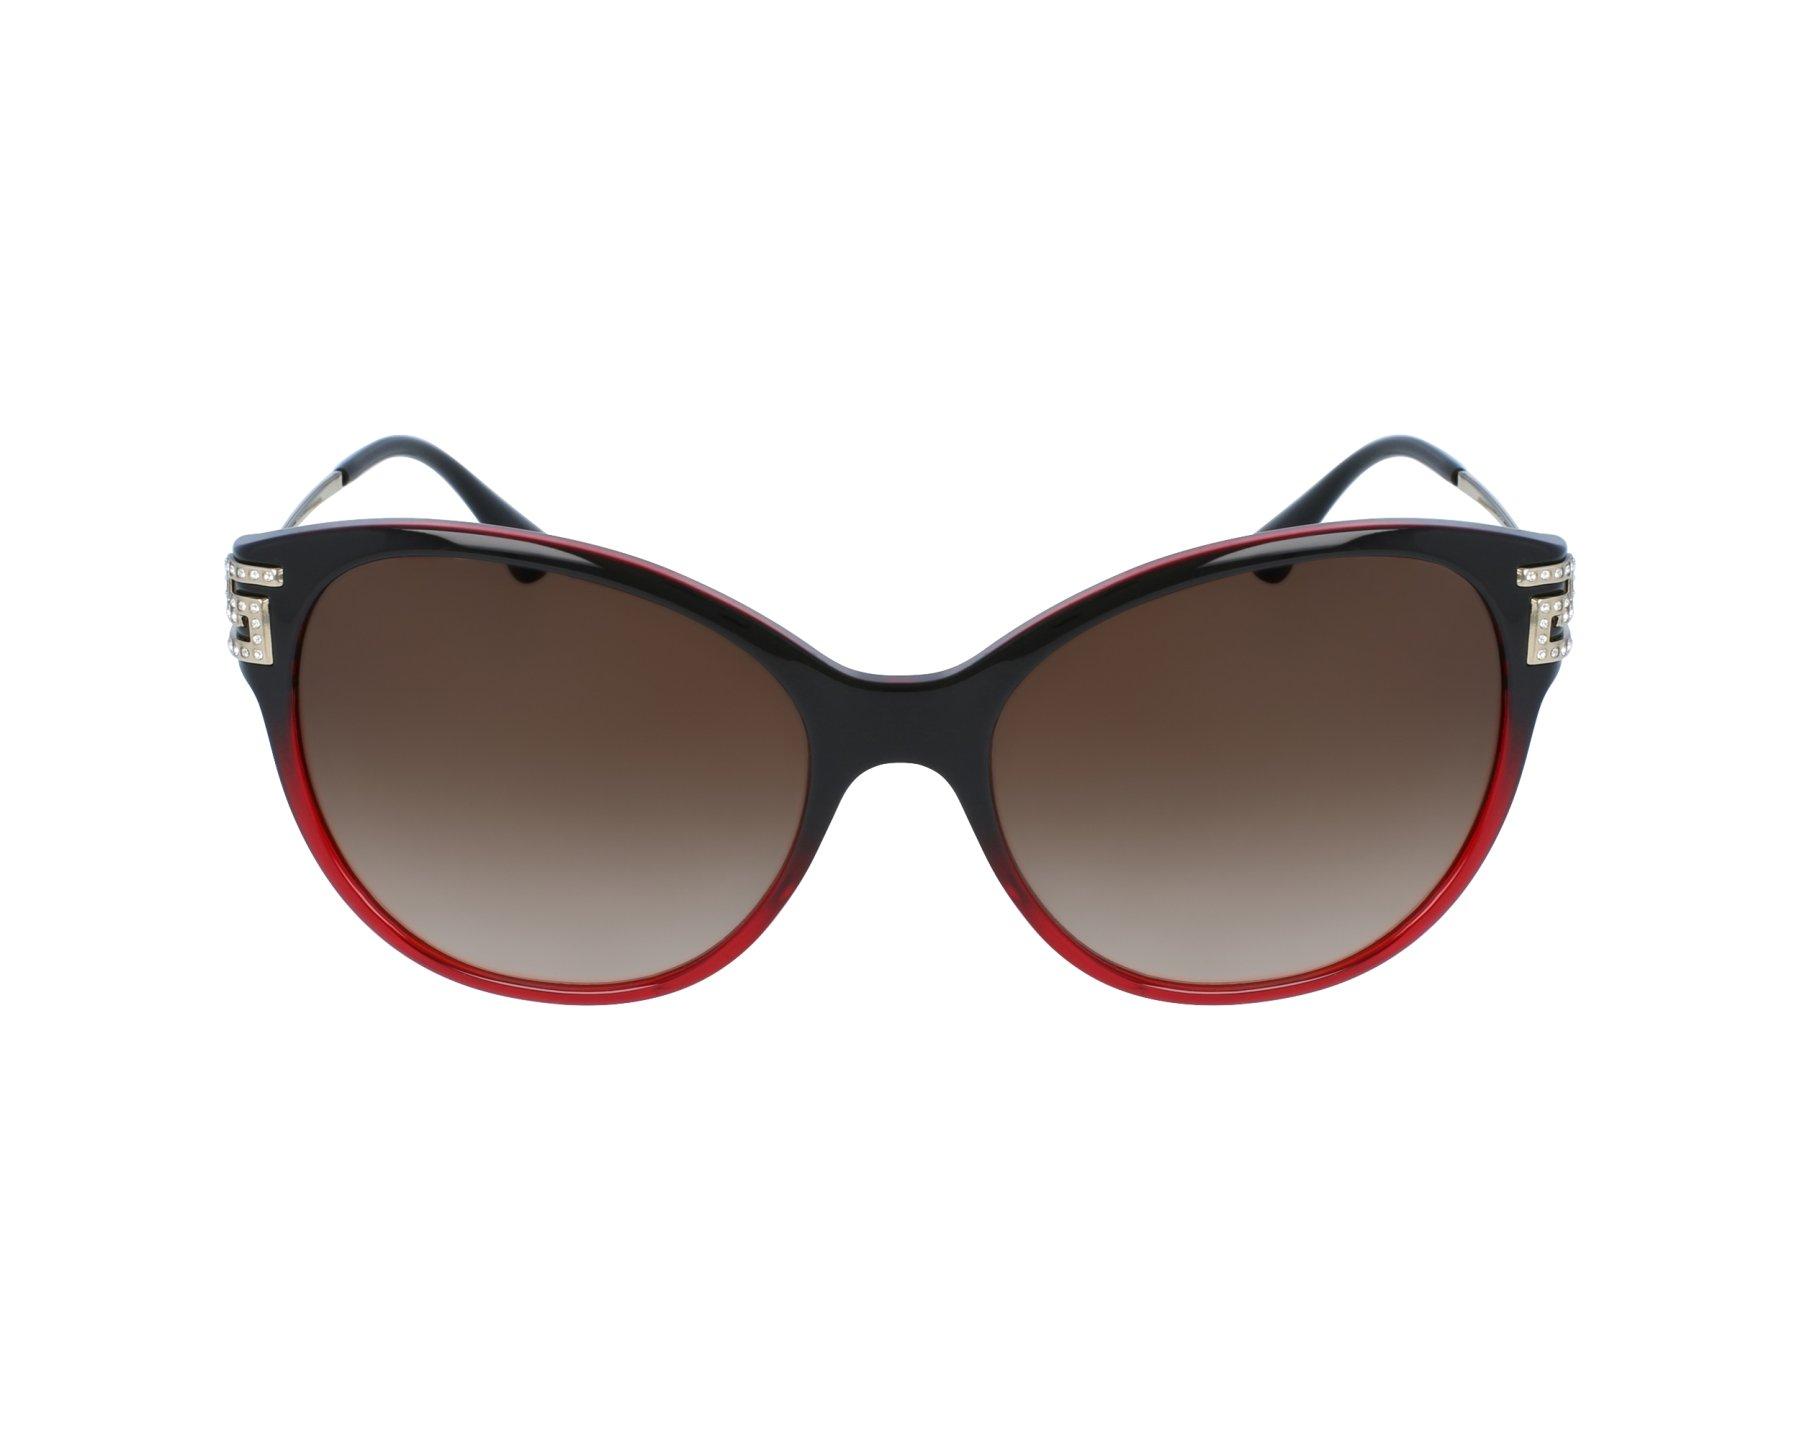 lunettes de soleil versace ve 4316 b 5075 13 bordeaux avec des verres marron. Black Bedroom Furniture Sets. Home Design Ideas